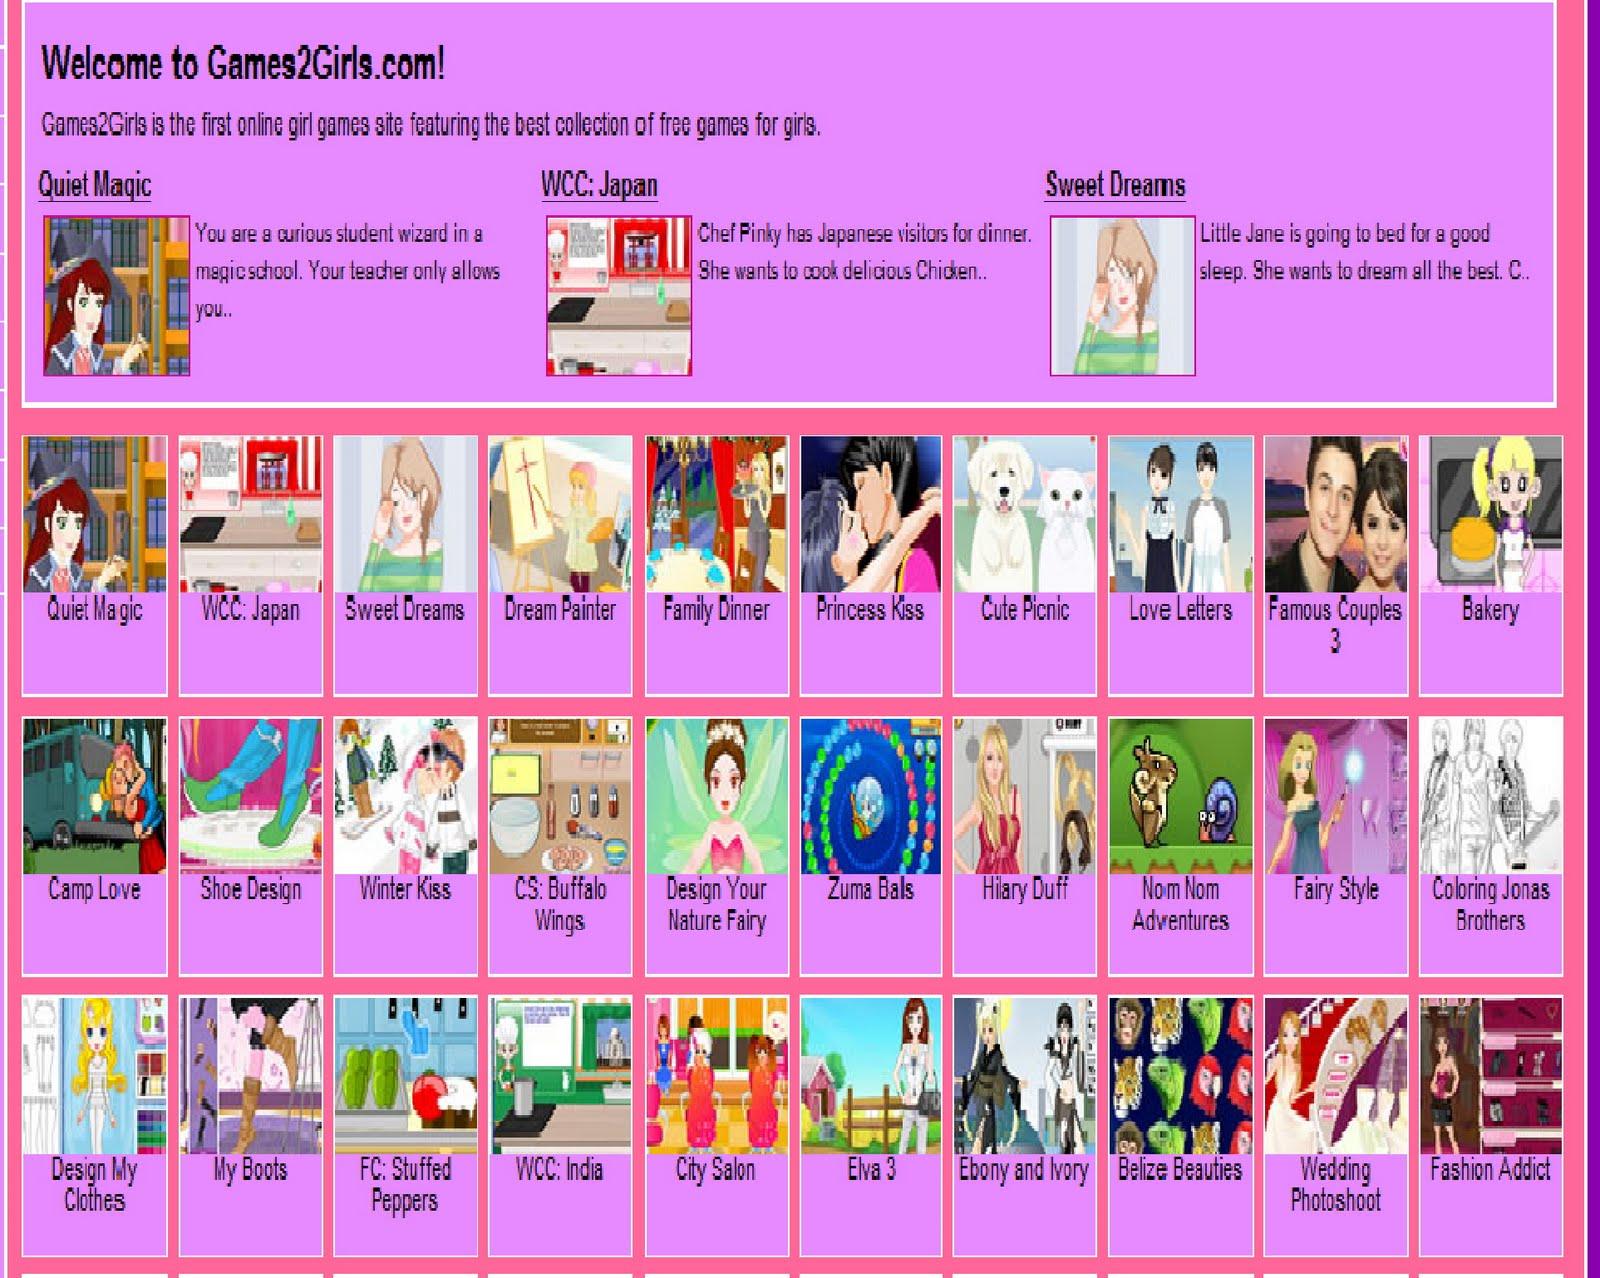 Agezine Games 2 Girls